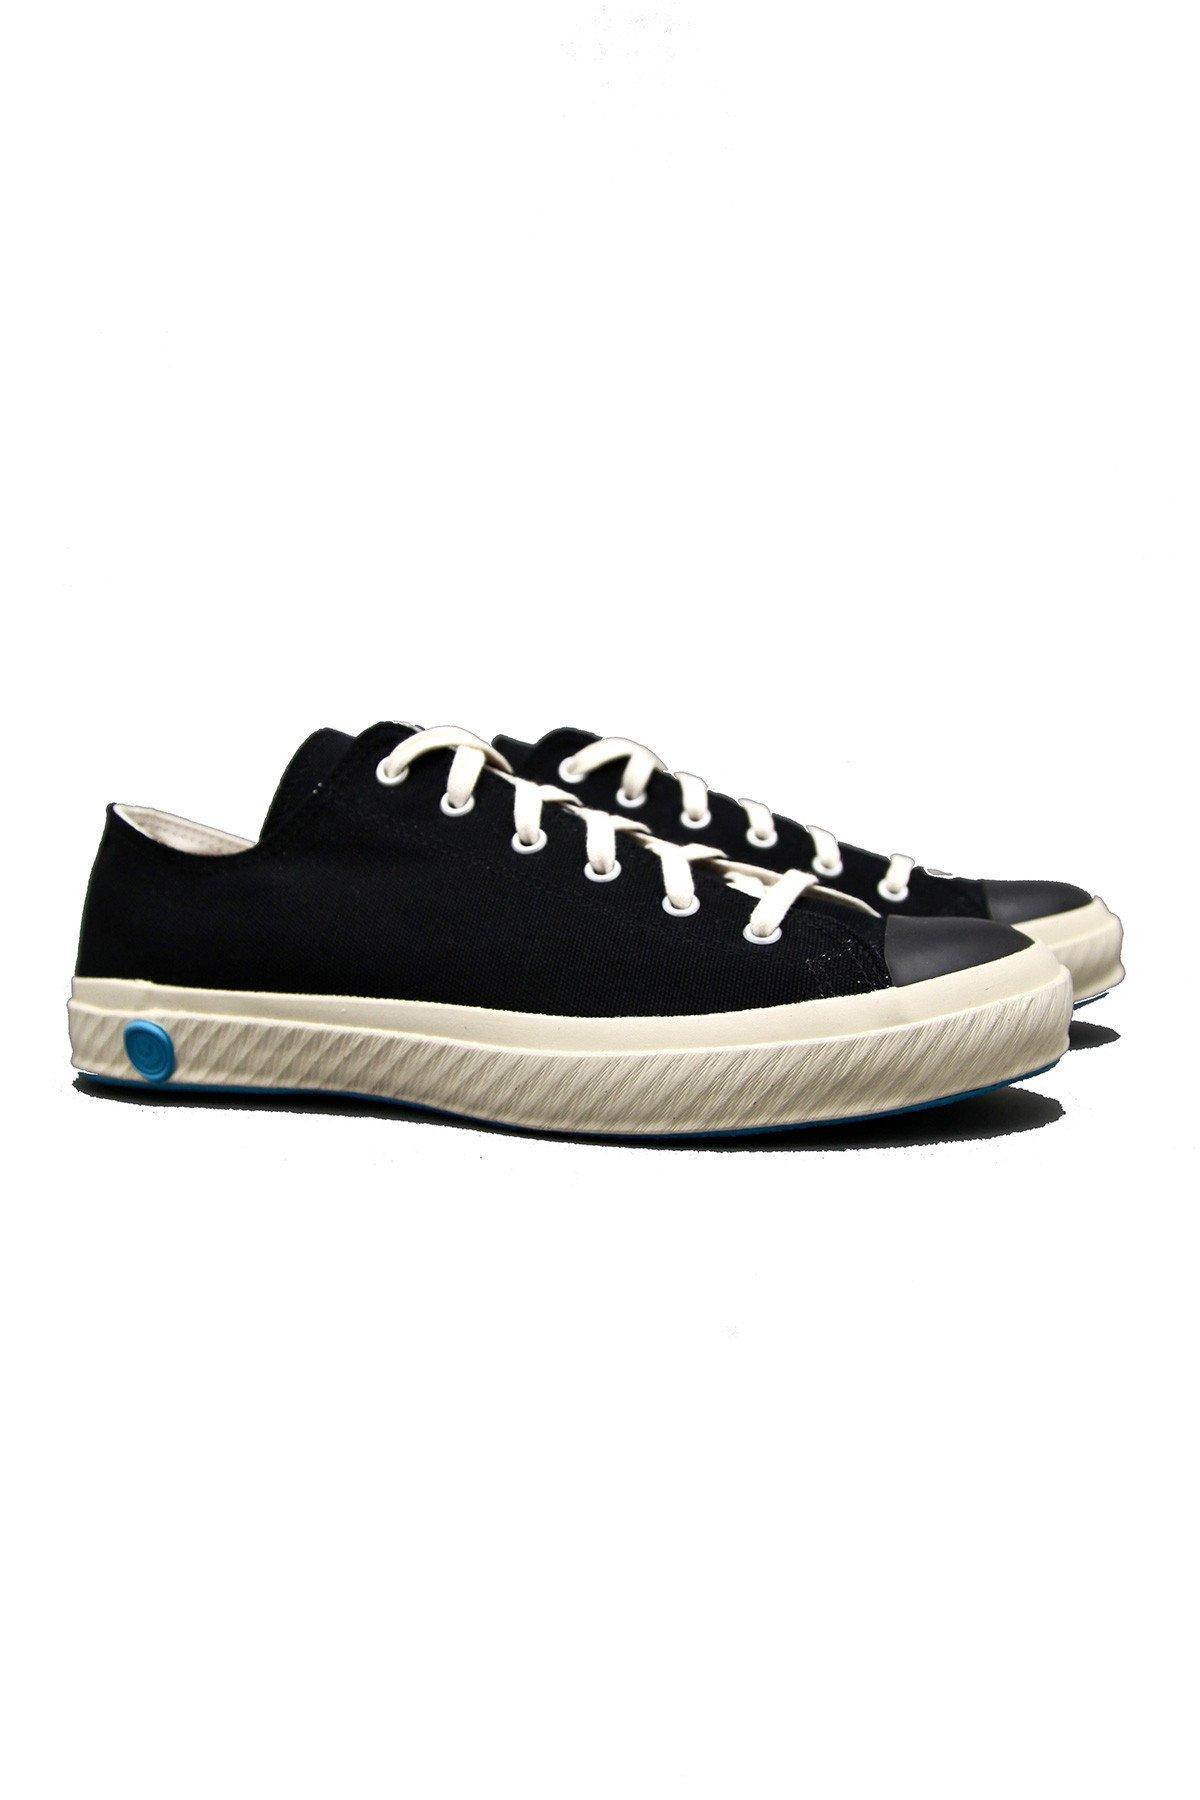 shoes-like-pottery-lo-black-2.jpg